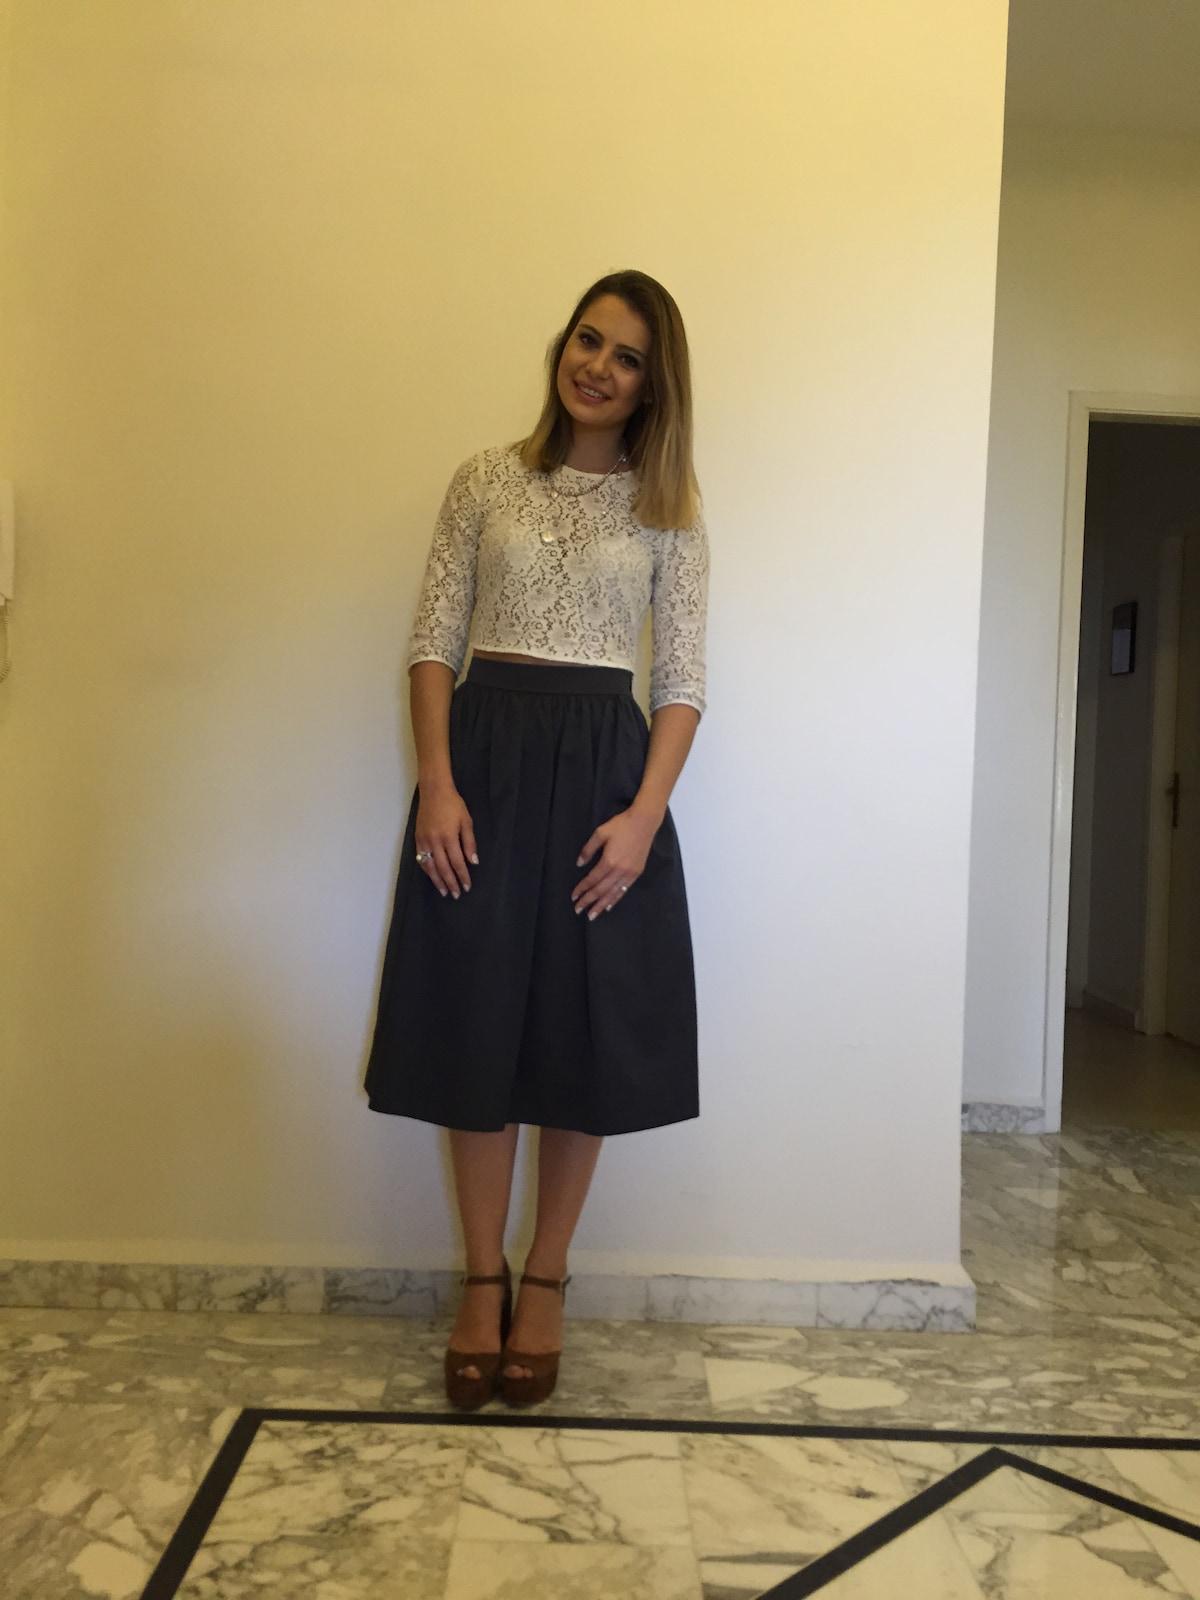 Tina from Beirut